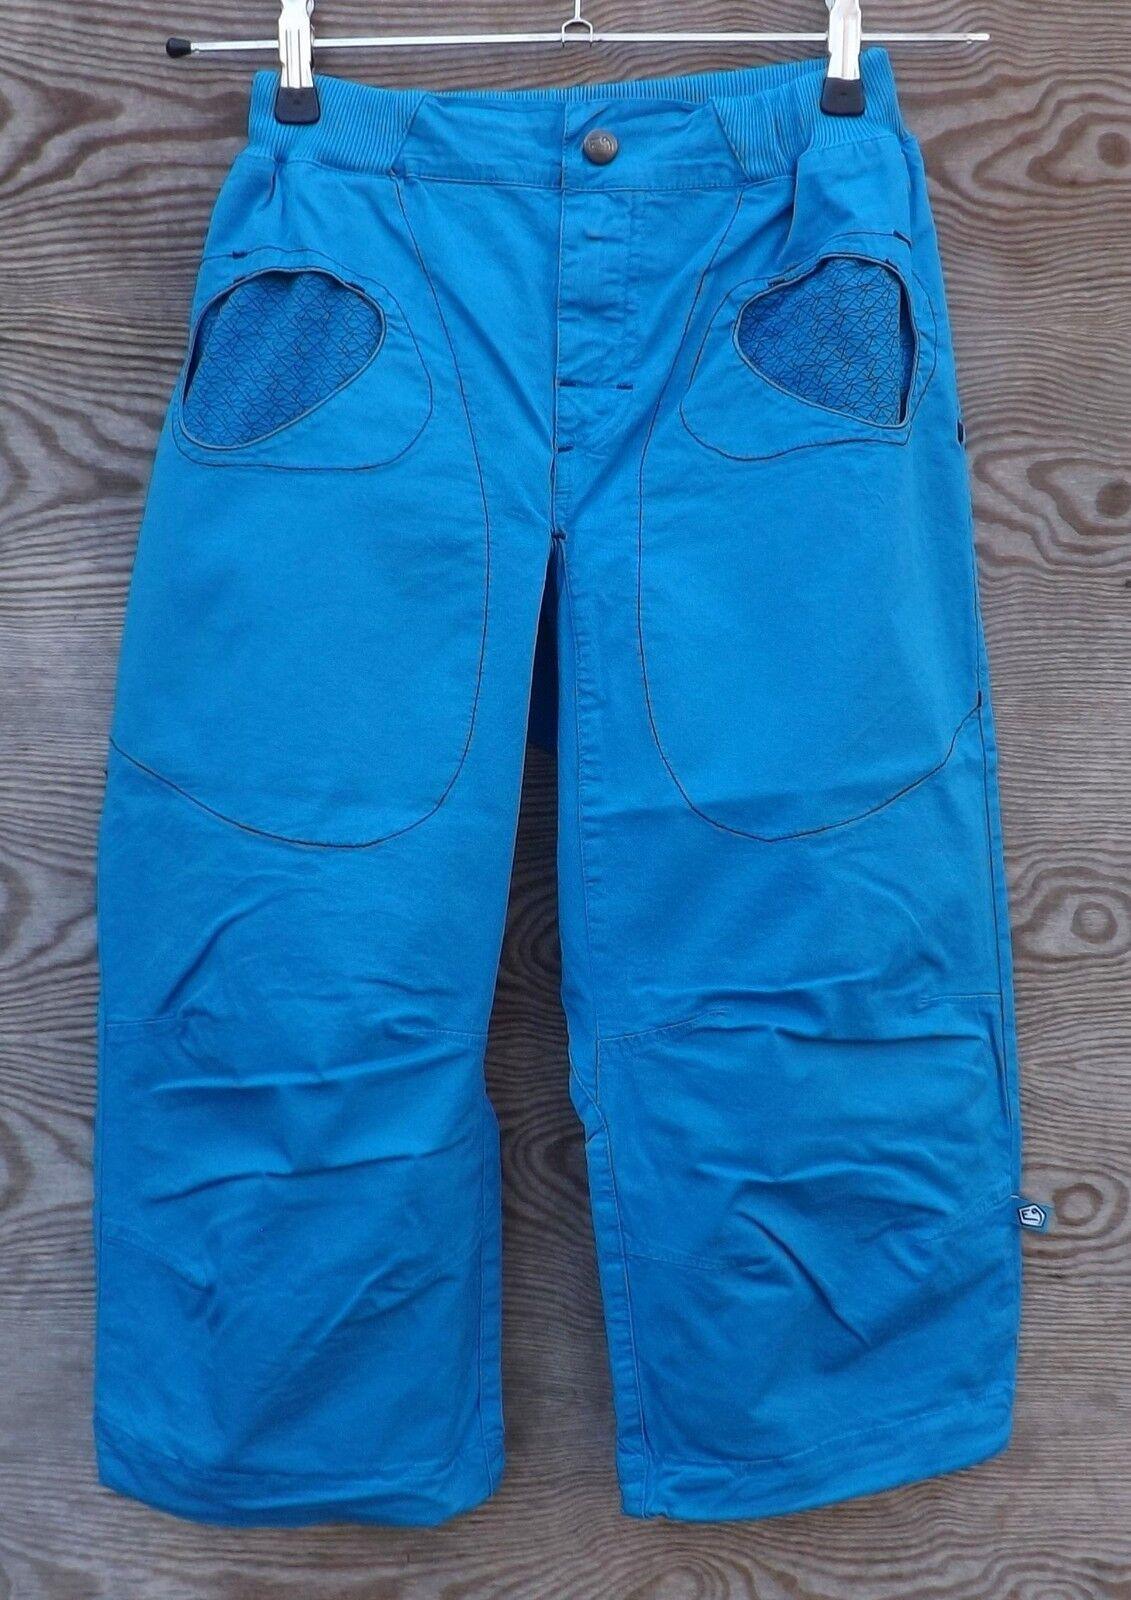 E9 Trousers R3, 3 4 - Long Climbing Pants for Men, Cyan, Size XS